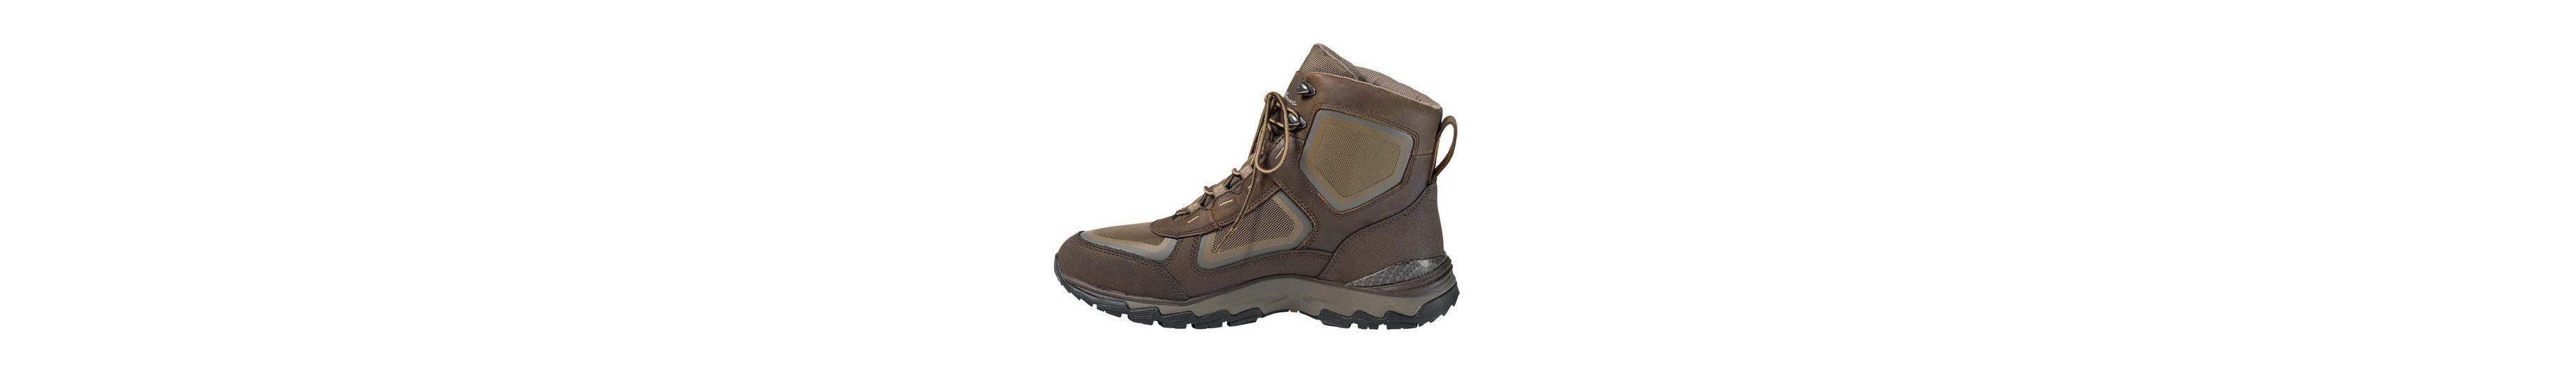 Eddie Bauer Field Ops Boots Günstig Kaufen Lohn Mit Paypal ow3vZMkS